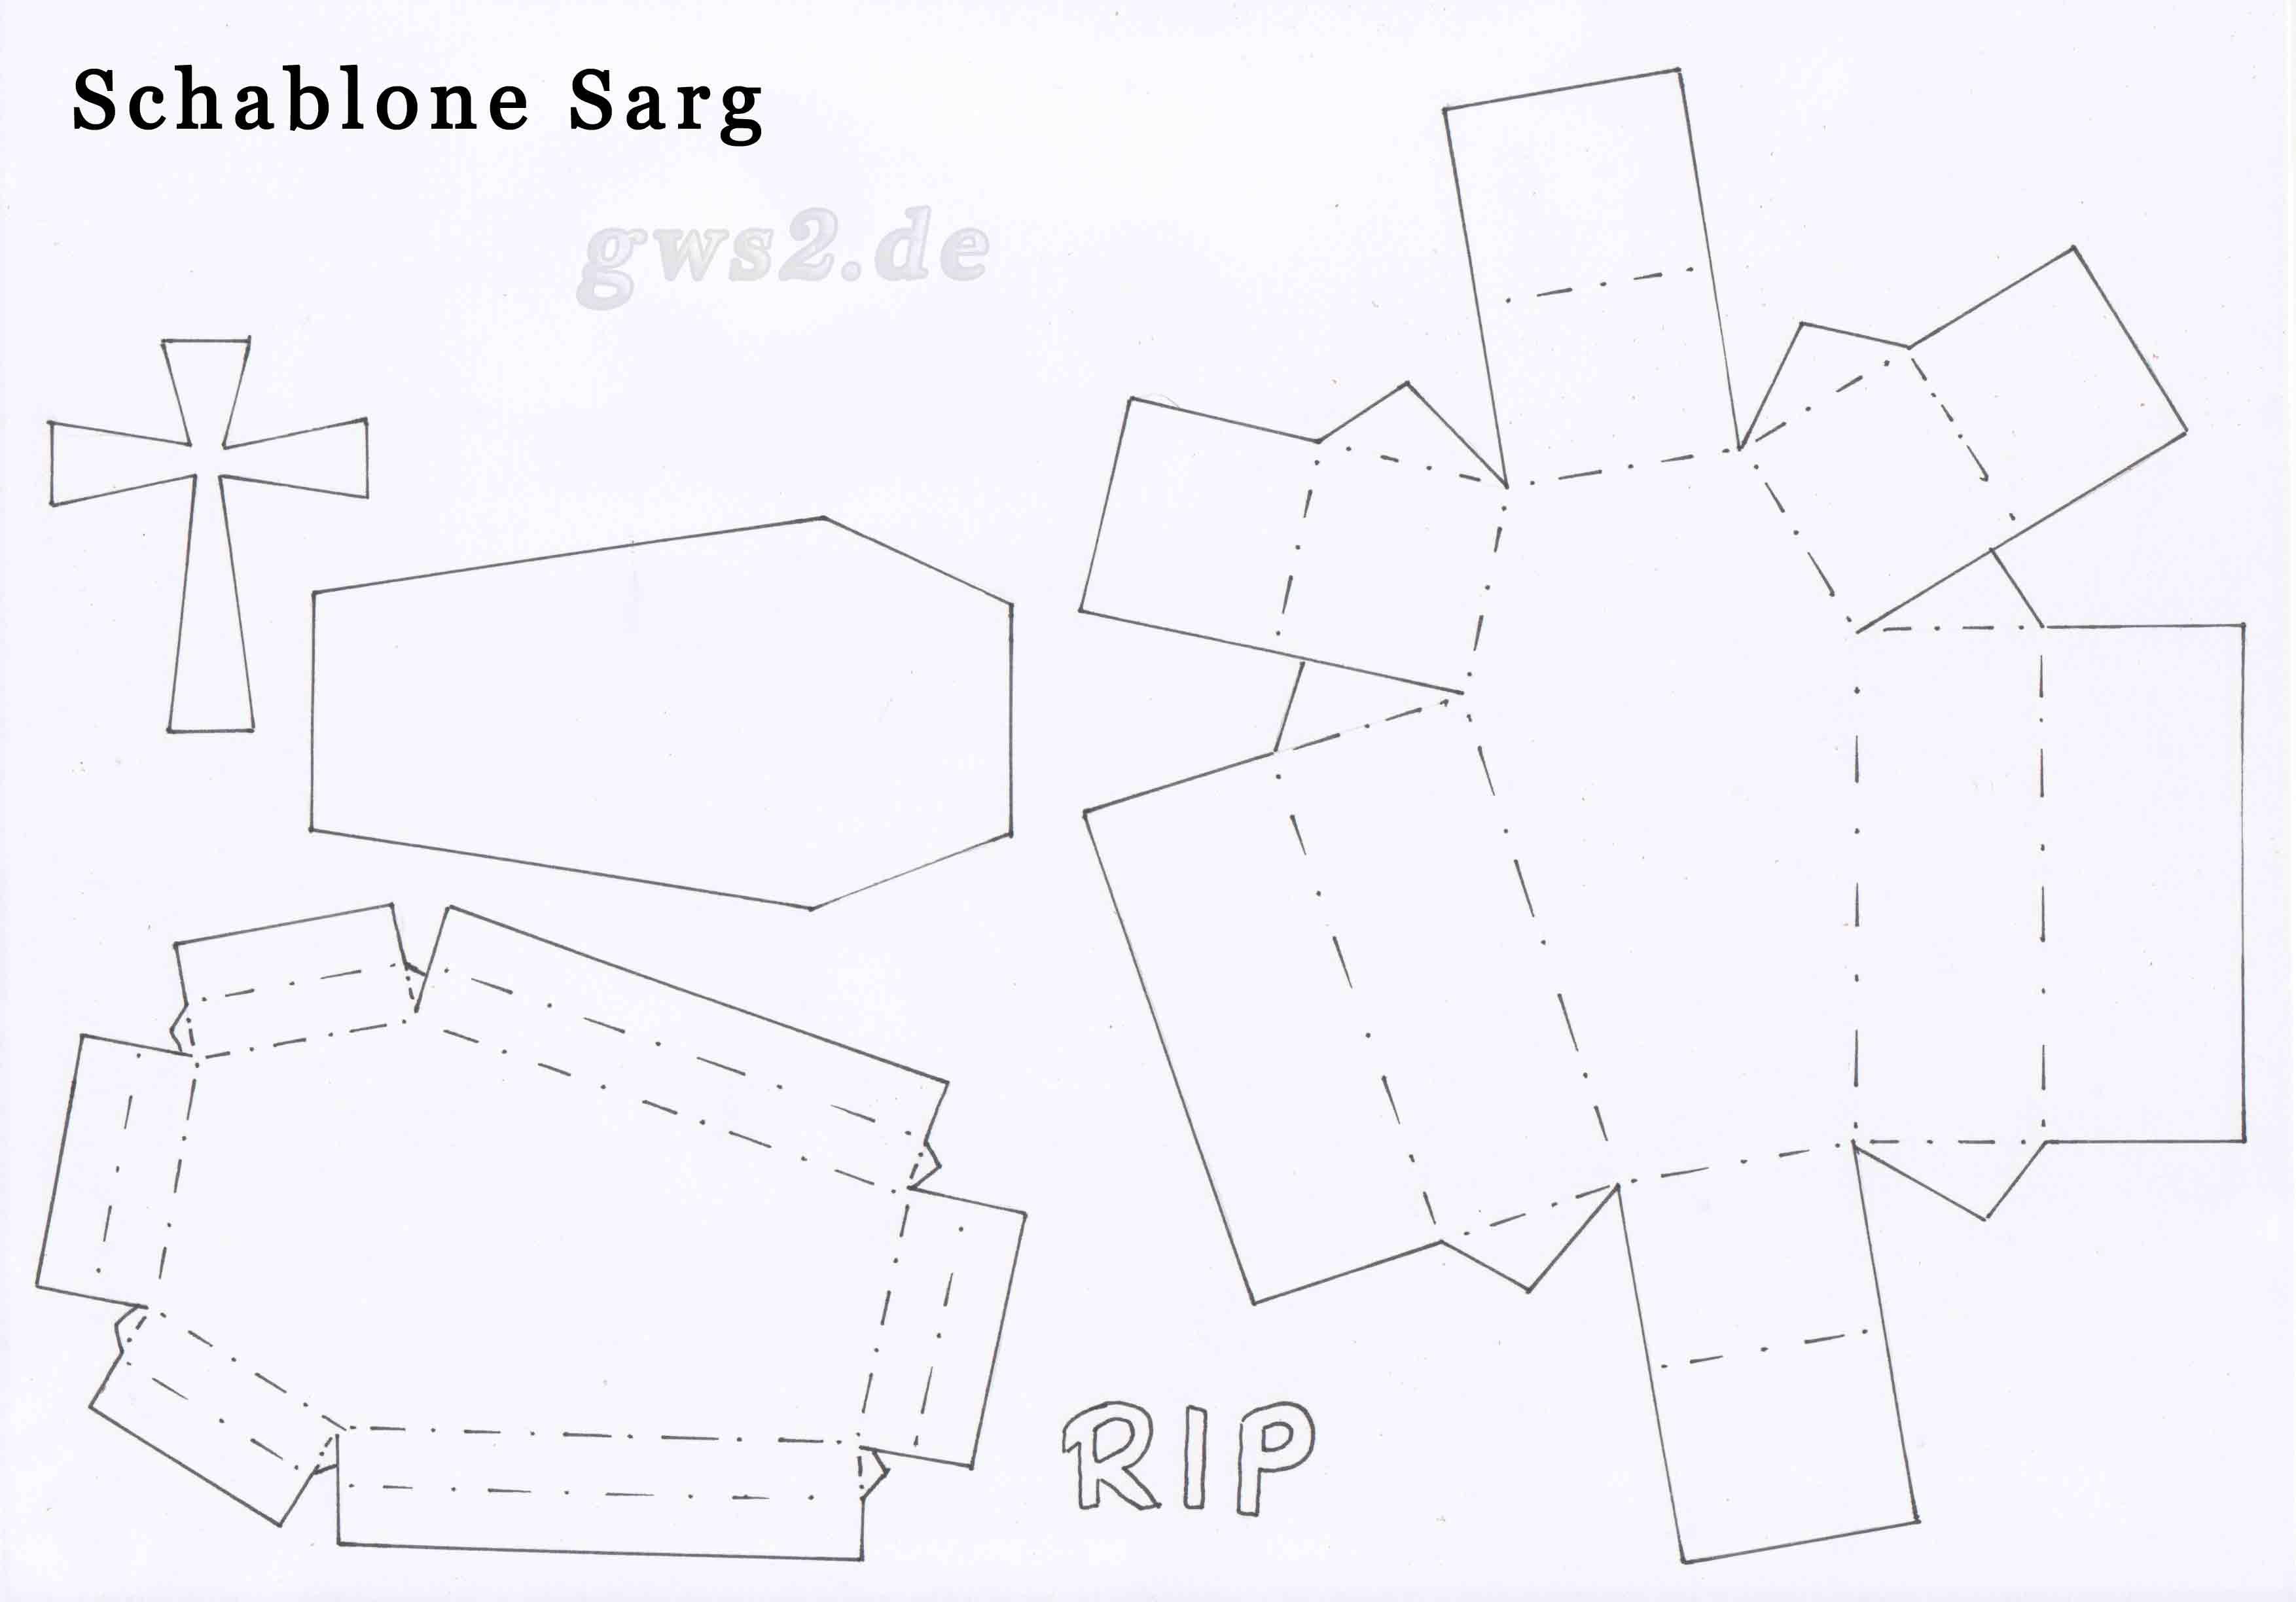 Bild von Schablone für Papiersarg